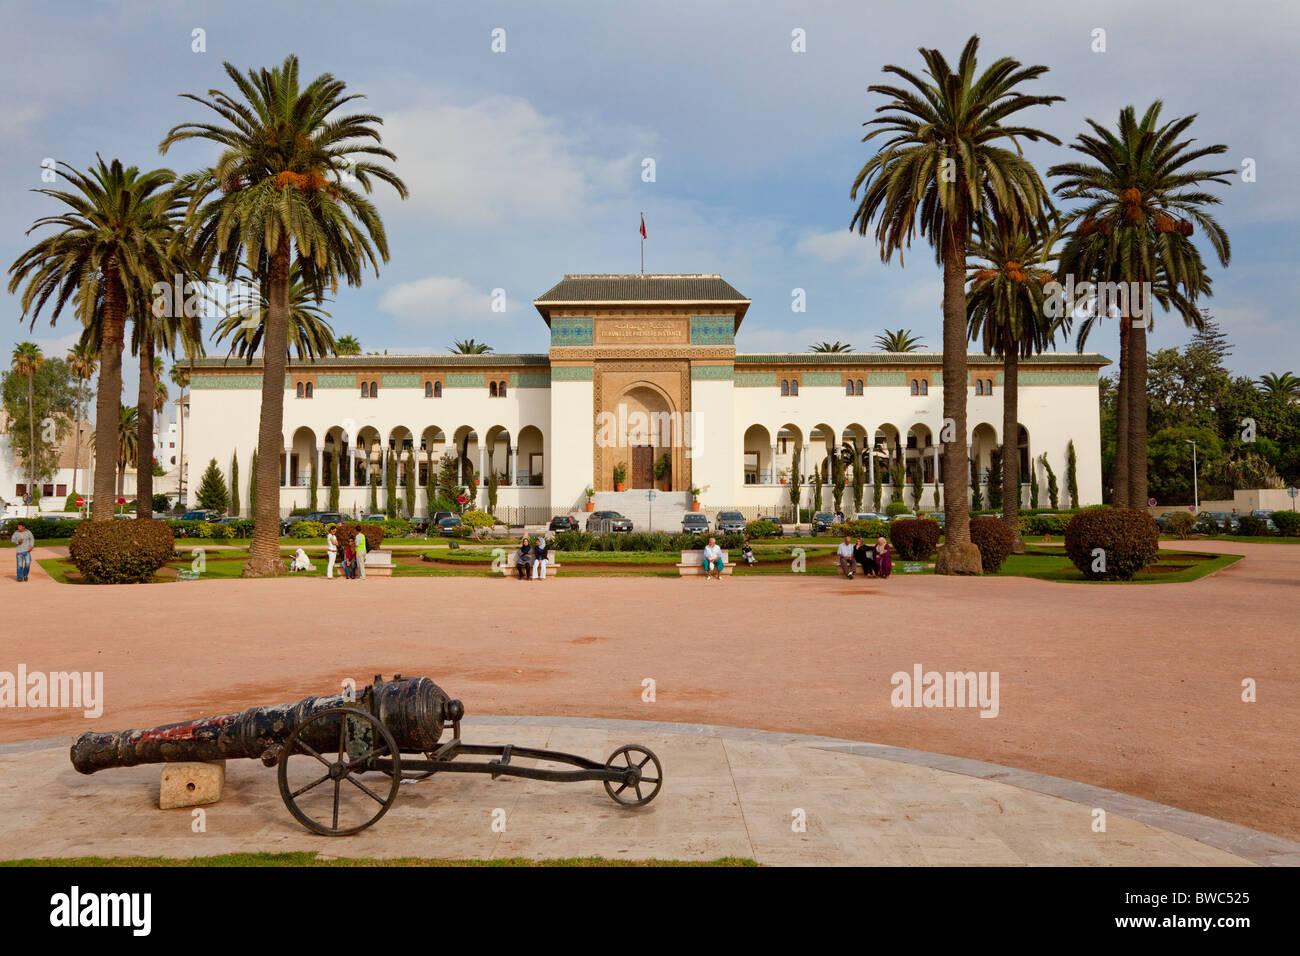 La Plaza Mohammed V y el Palacio de Justicia en Casablanca, Marruecos. Imagen De Stock